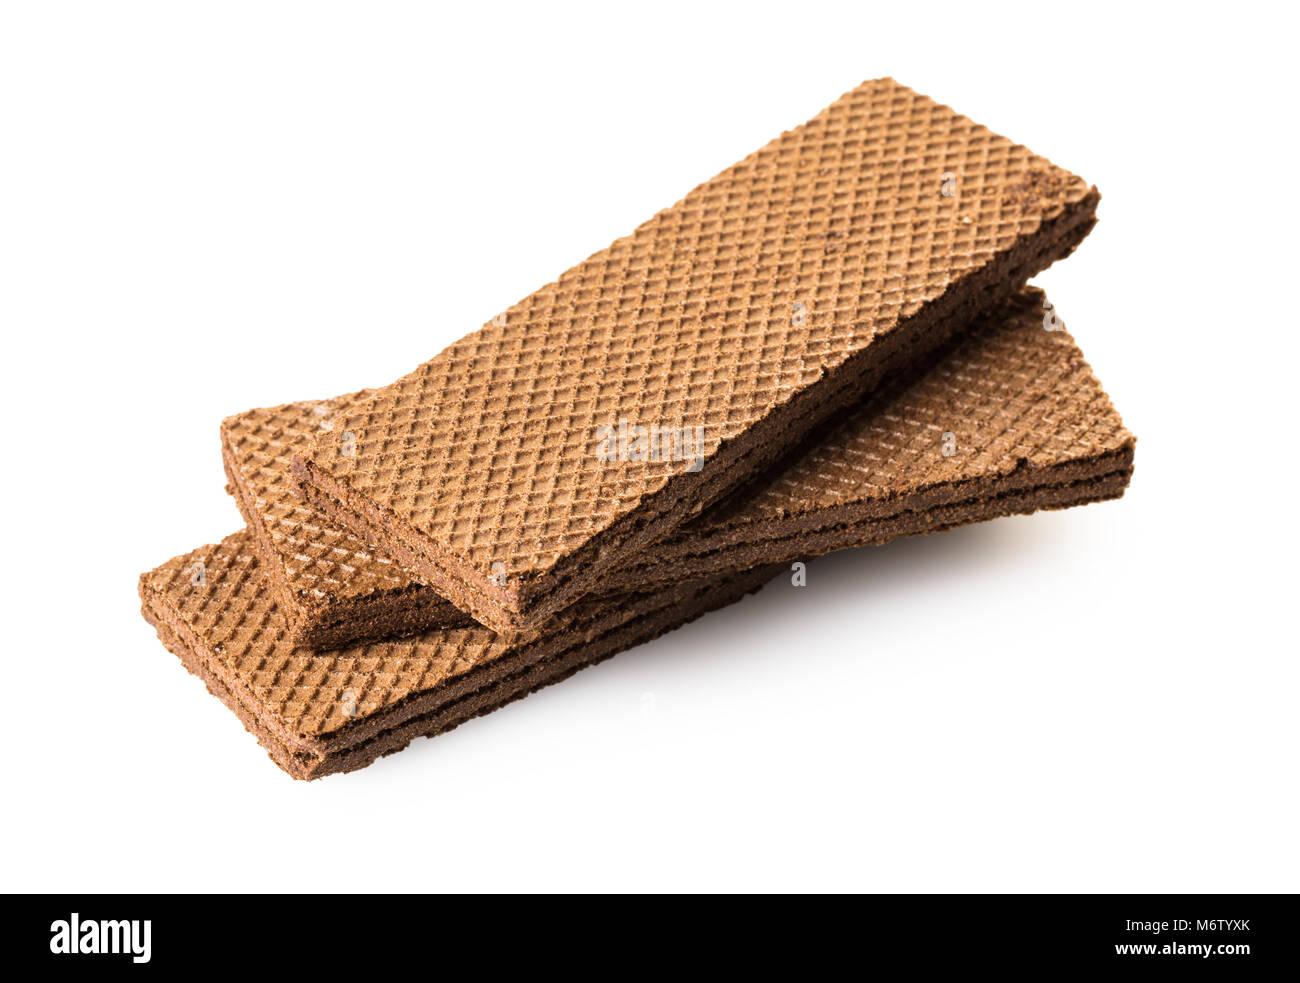 chocolate waffles close-up on white isolated background - Stock Image